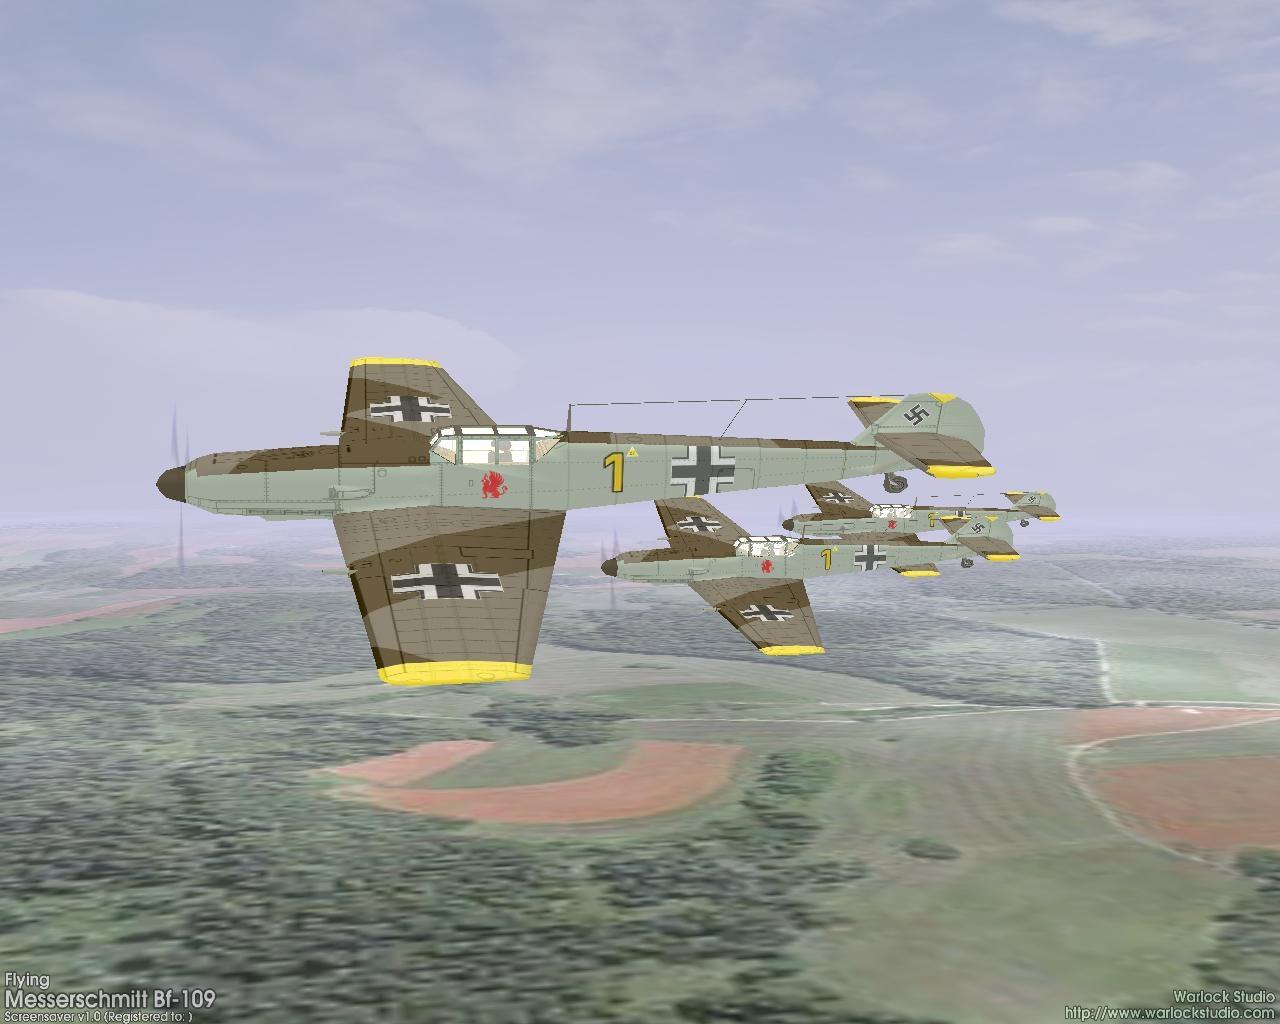 flying messerschmitt bf109 3d > download screensaverwarlock studio